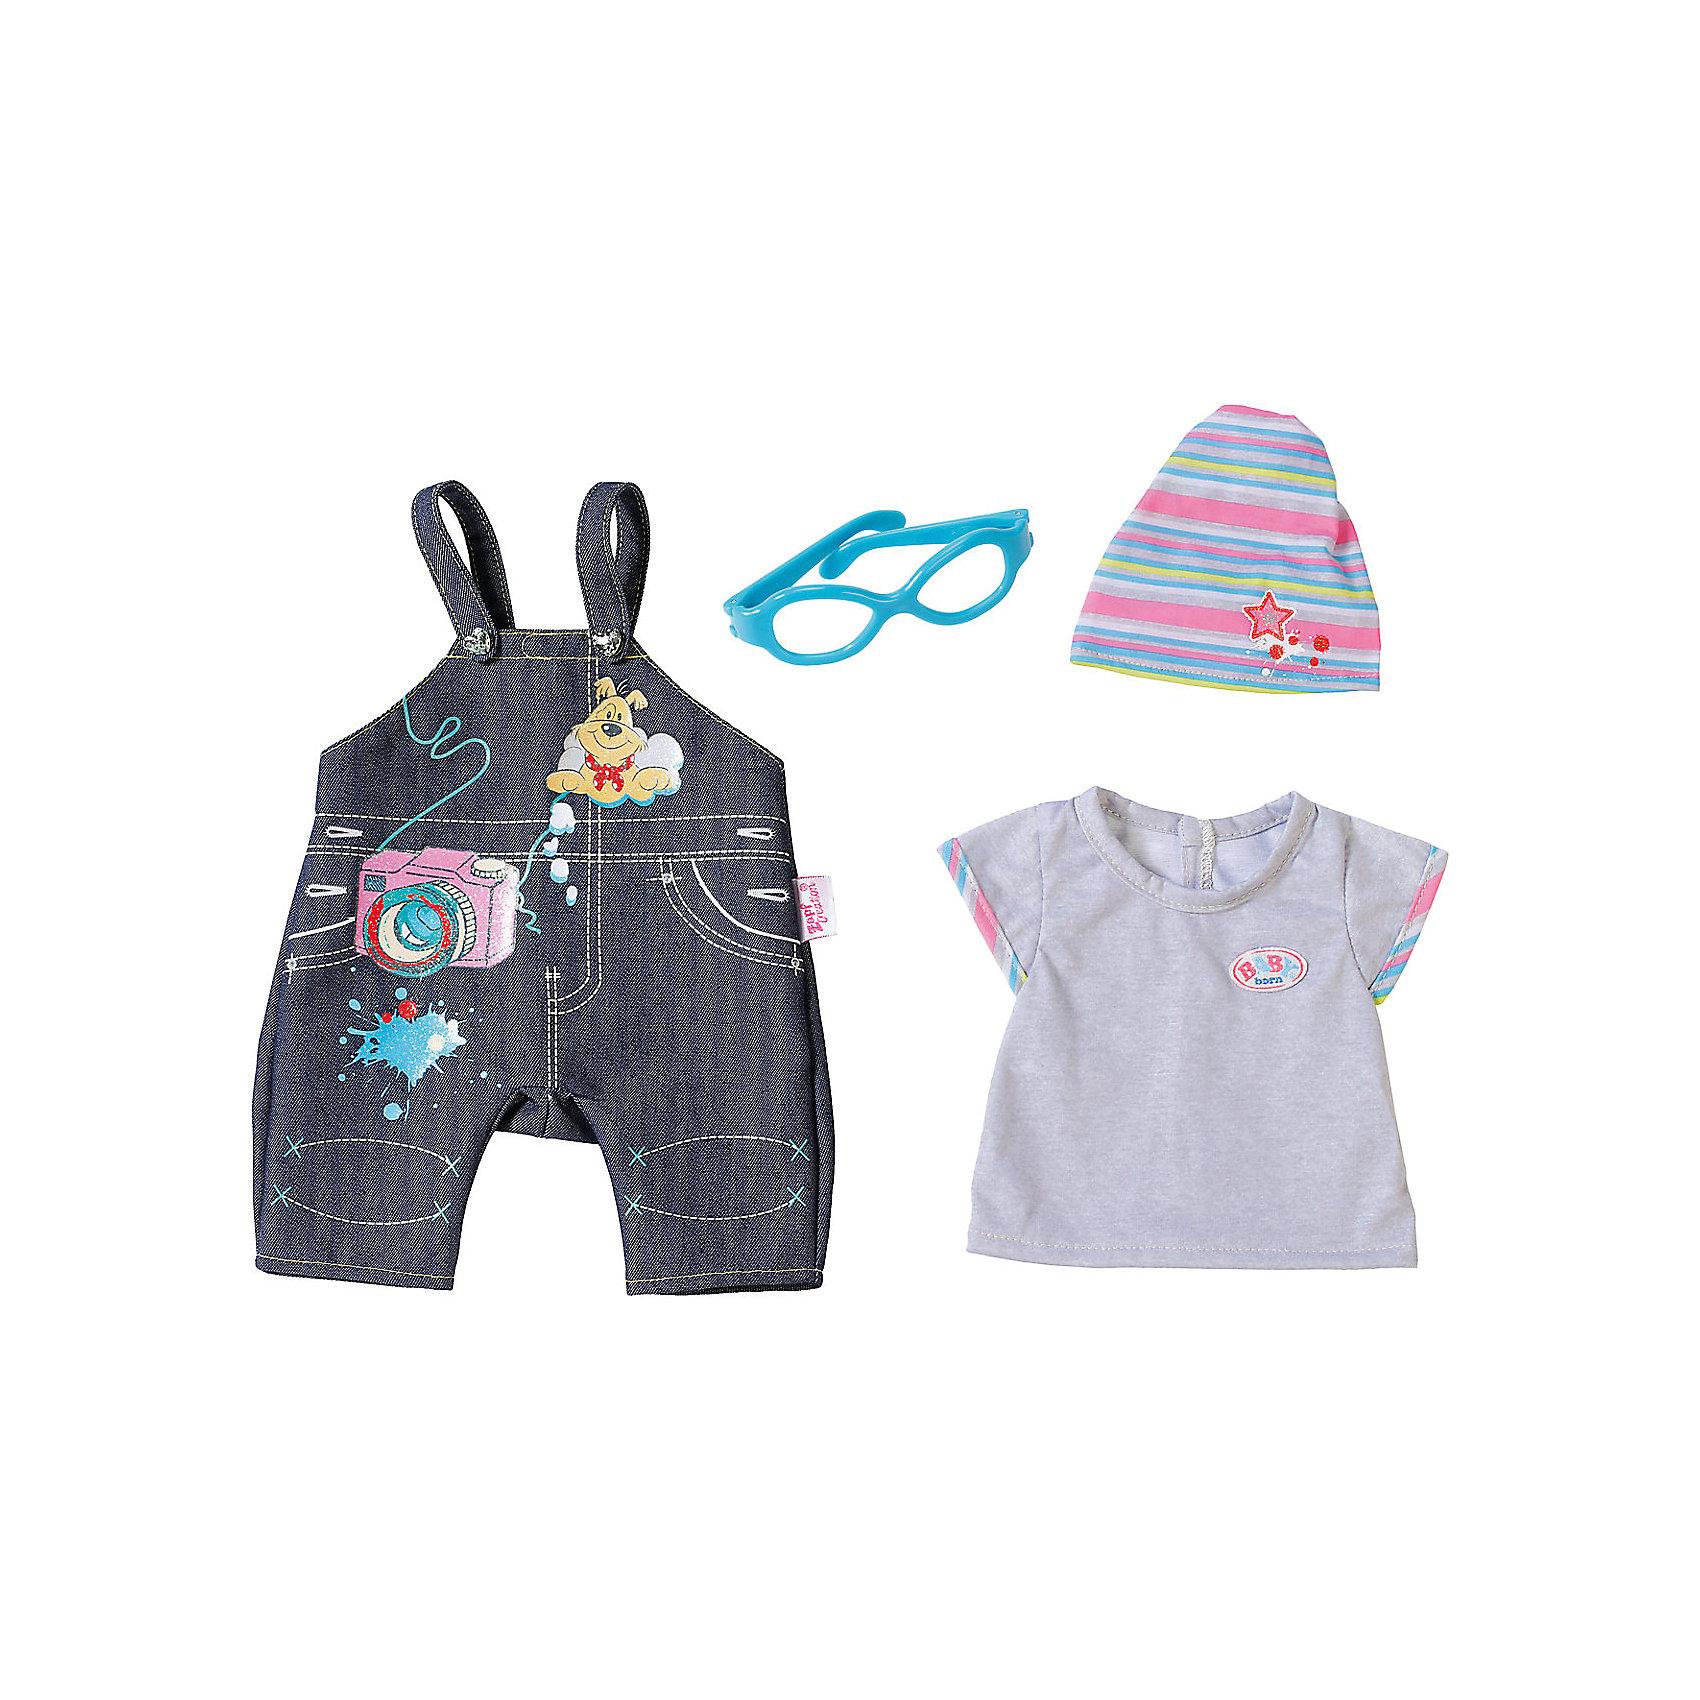 Одежда Джинсовая, BABY born, сераяБренды кукол<br>Характеристики товара:<br><br>- цвет: разноцветный;<br>- материал: тестиль;<br>- комплектация: футболка, комбинезон, шапка, очки;<br>- размер упаковки: 37х8х28 см.<br><br>Кукольная одежда – мечта всех девочек, обожающих играть в дочки-матери! Куклы Бэби Борн – абсолютные фавориты среди детских игрушек. Одно из преимуществ моделей – возможность переодевать куклу на свое усмотрение. Такой набор одежды – интересный и необычный вариант разнообразить игры с куклой. Комплект представлен в новой коллекции одежды для куклы Бэби борн. Вещи, футболка, комбинезон, шапка, очки, очень модно и нарядно смотрятся. Материалы, использованные при изготовлении изделия, абсолютно безопасны и полностью отвечают международным требованиям по качеству детских товаров.<br><br>Одежду Джинсовую, BABY born, можно купить в нашем интернет-магазине.<br><br>Ширина мм: 366<br>Глубина мм: 281<br>Высота мм: 81<br>Вес г: 284<br>Возраст от месяцев: 36<br>Возраст до месяцев: 2147483647<br>Пол: Женский<br>Возраст: Детский<br>SKU: 5140225